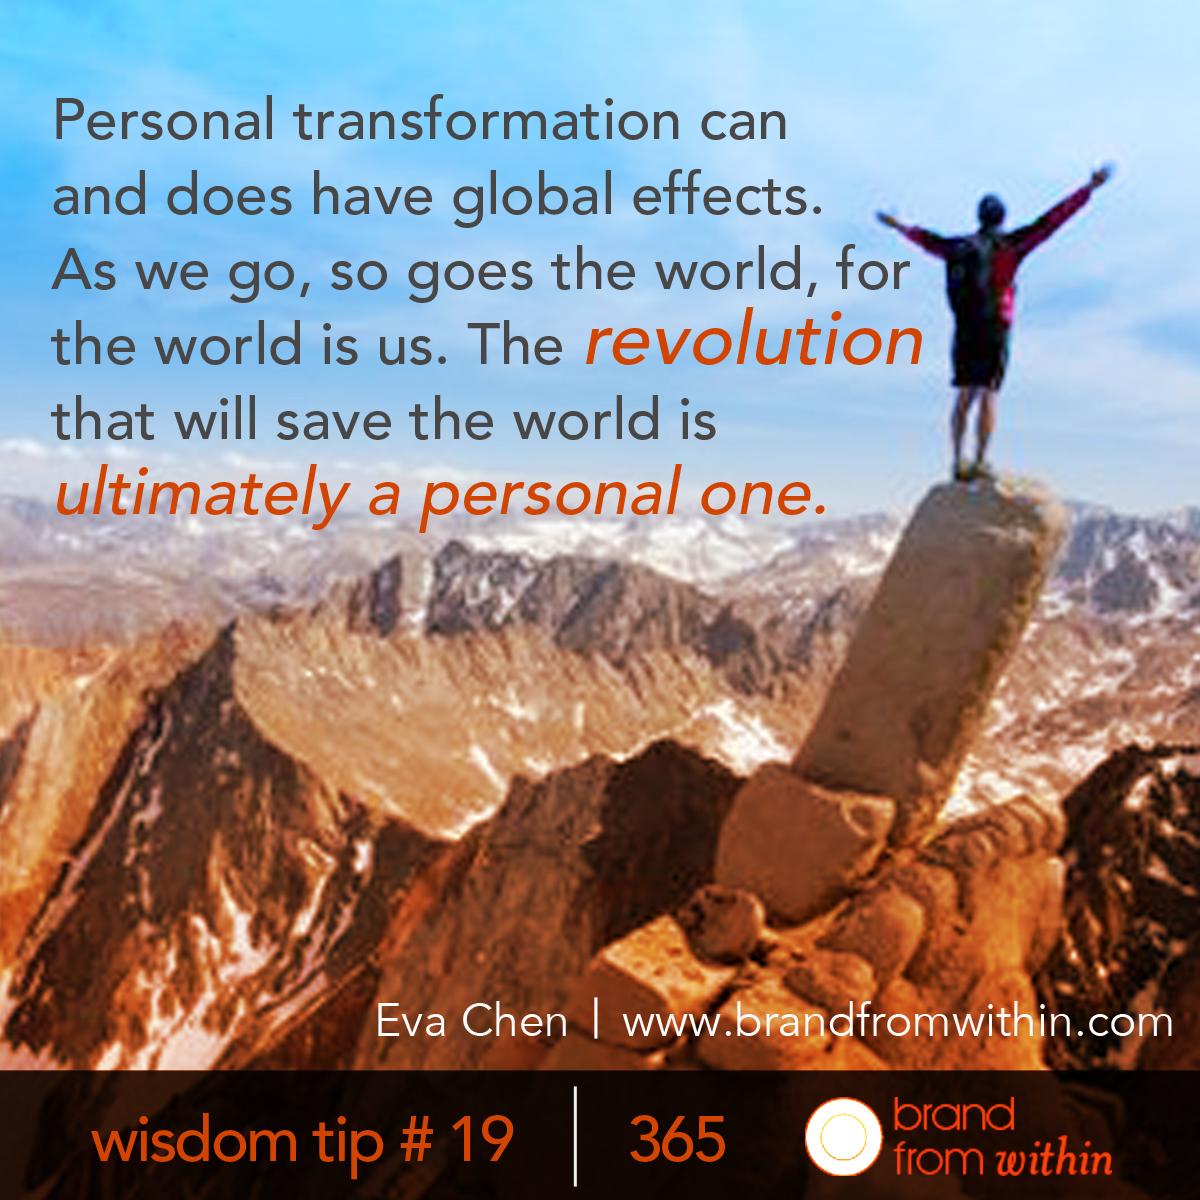 DAY 19 WISDOM TIP